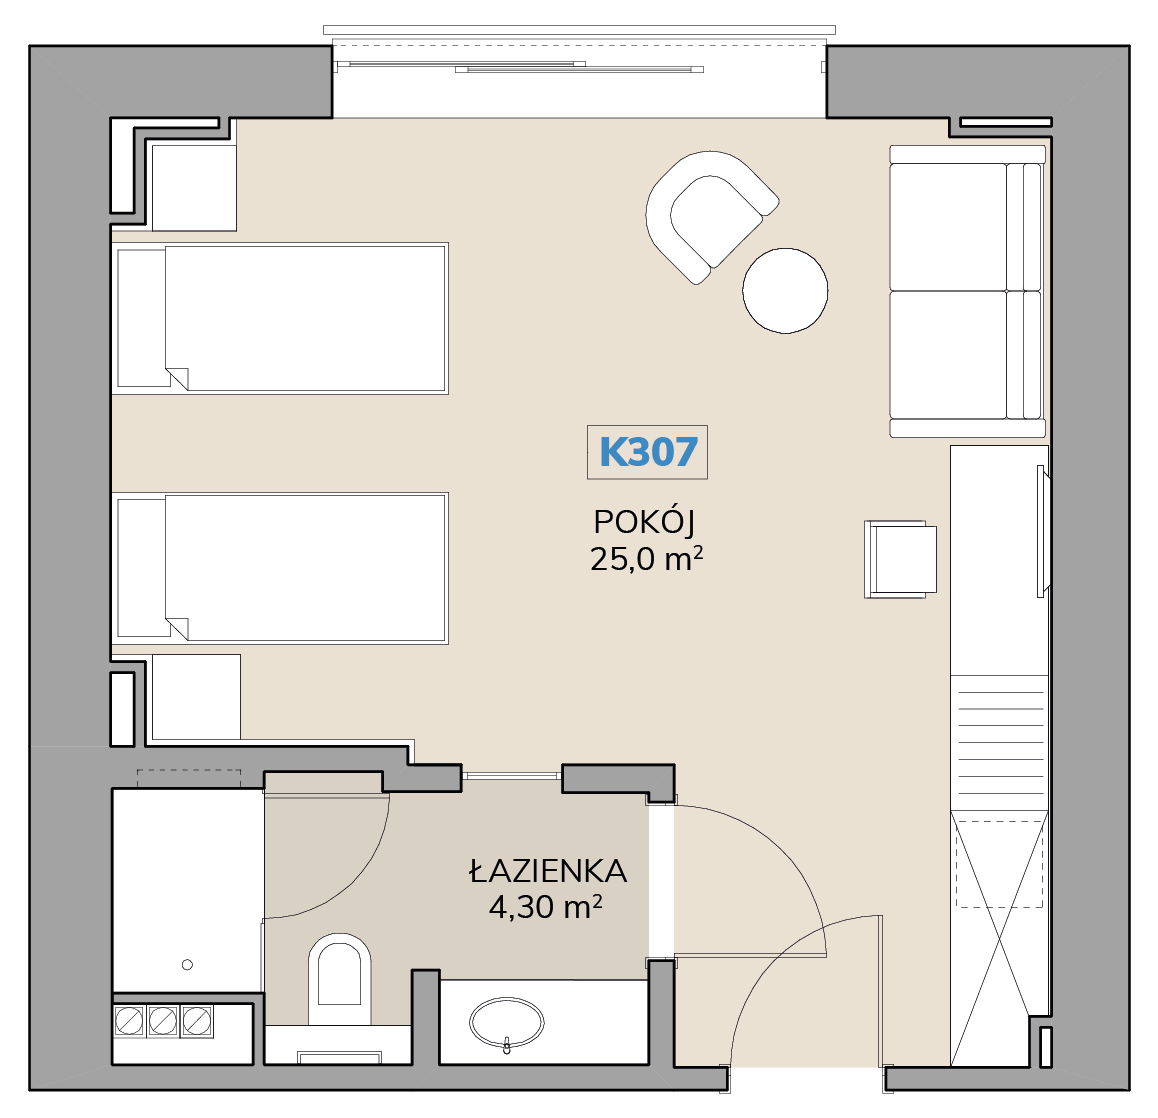 Apartament K307